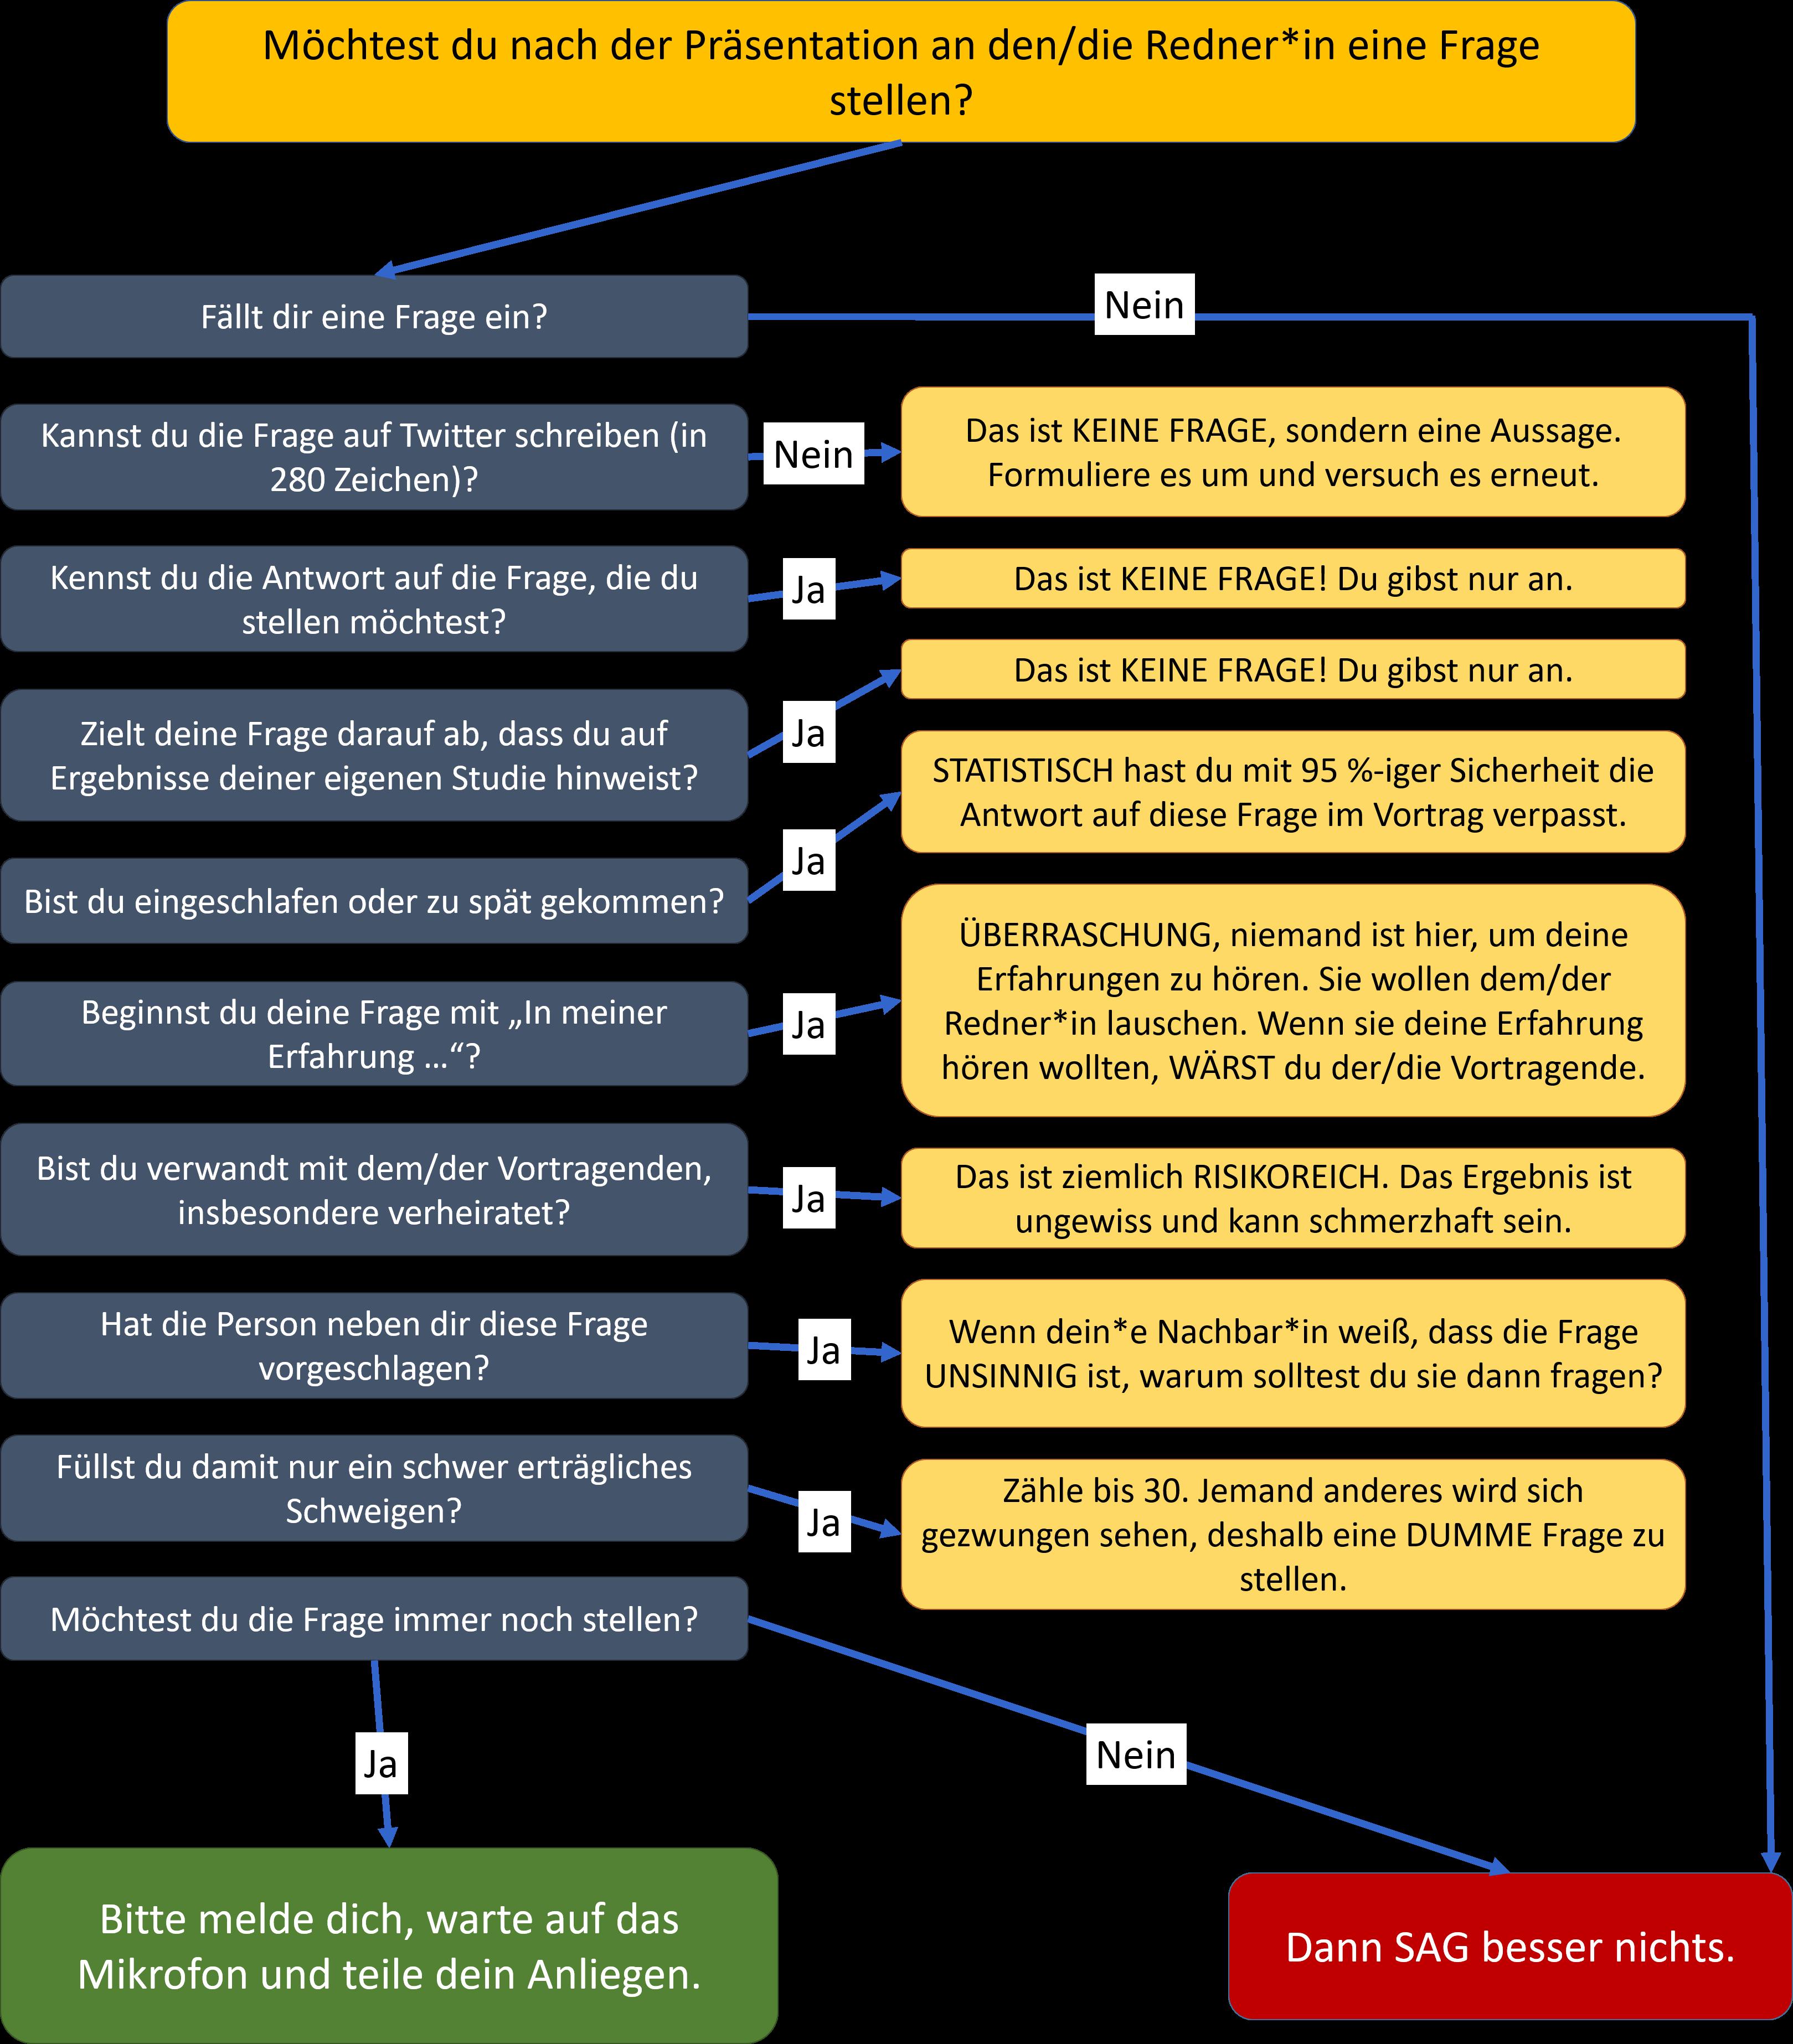 Flowchart: Wann sollte man eine Frage stellen?